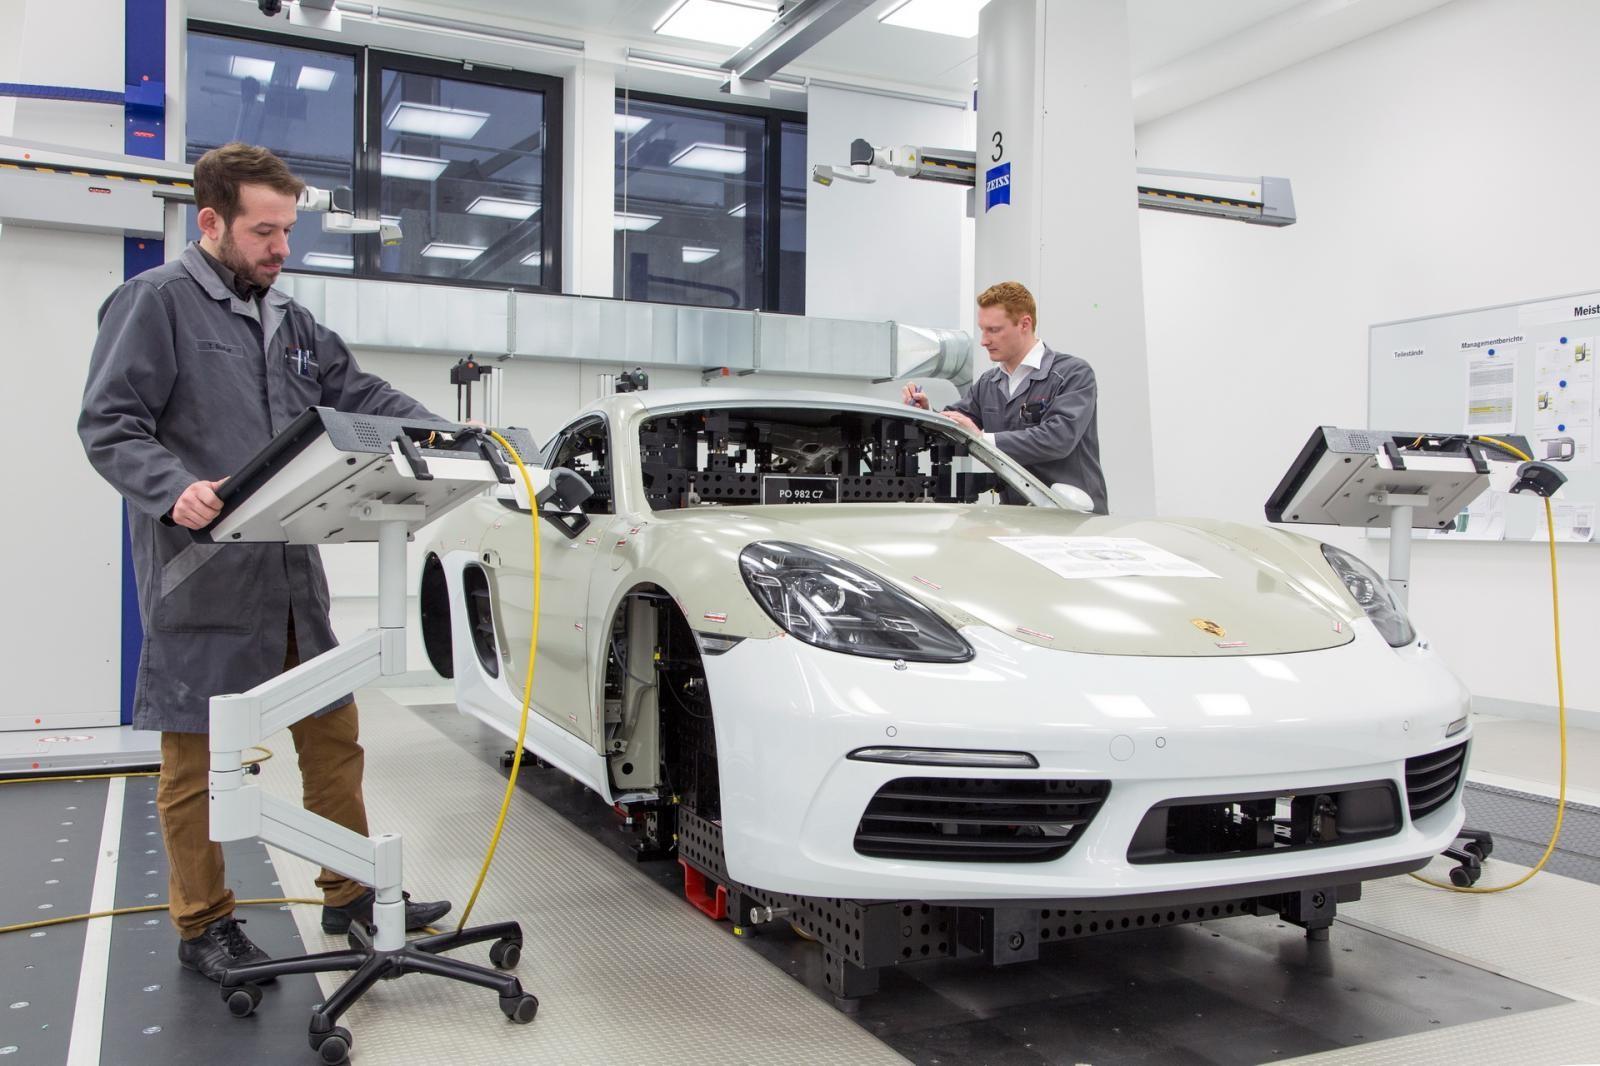 Hãng Porsche phải chuyển dây chuyền lắp ráp 718 Cayman đi nơi khac để lấy chỗ sản xuất 911 2020